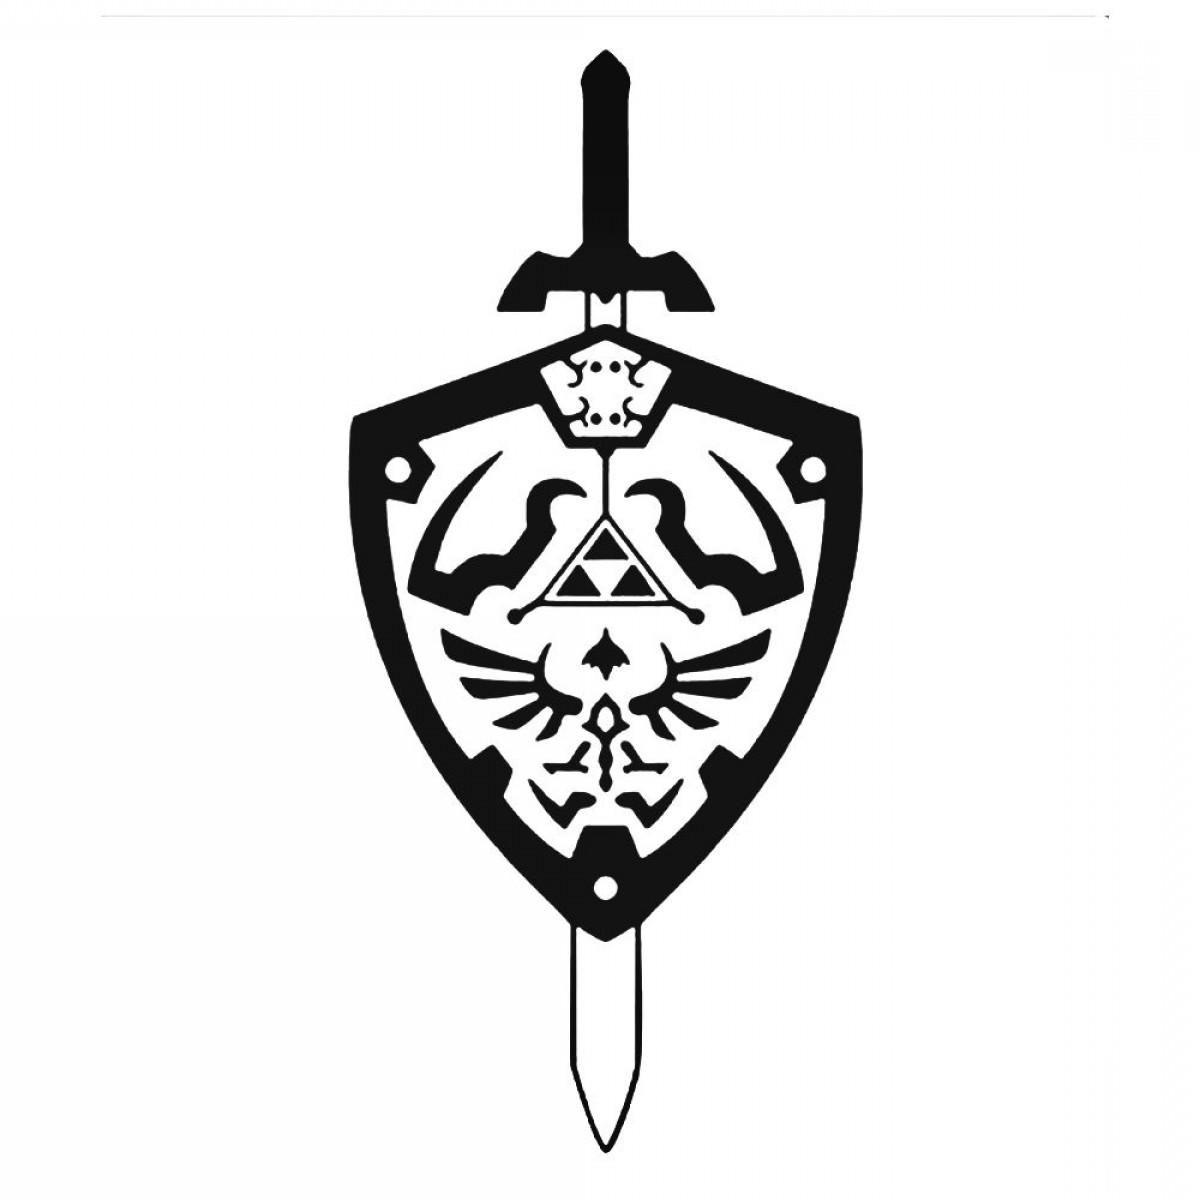 Legend of zelda sword and shild clipart banner black and white Legend Of Zelda Sword Shield Decal Sticker   SOIDERGI banner black and white